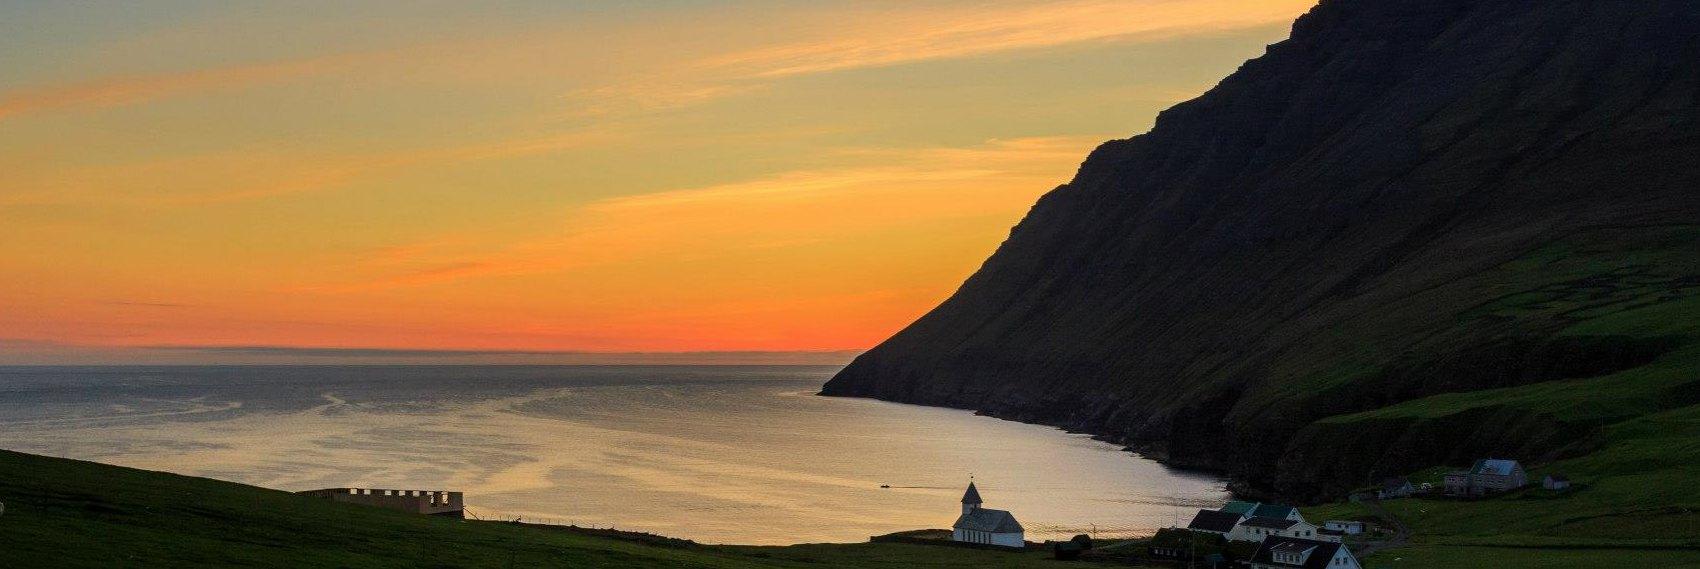 sunset-faroeislands-guesthouse-banner